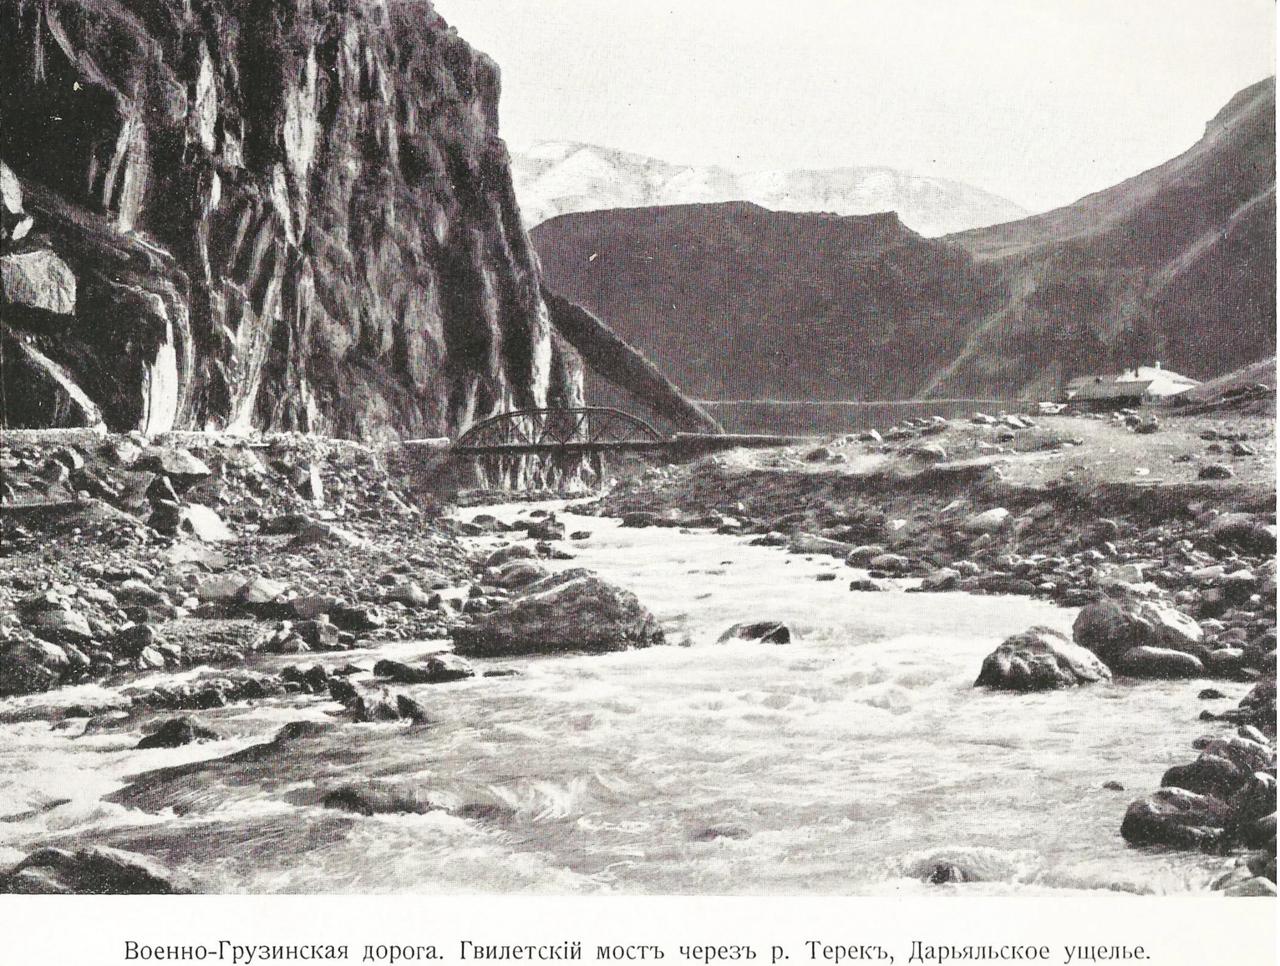 Дарьяльское ущелье. Гвилетский мост через р. Терек